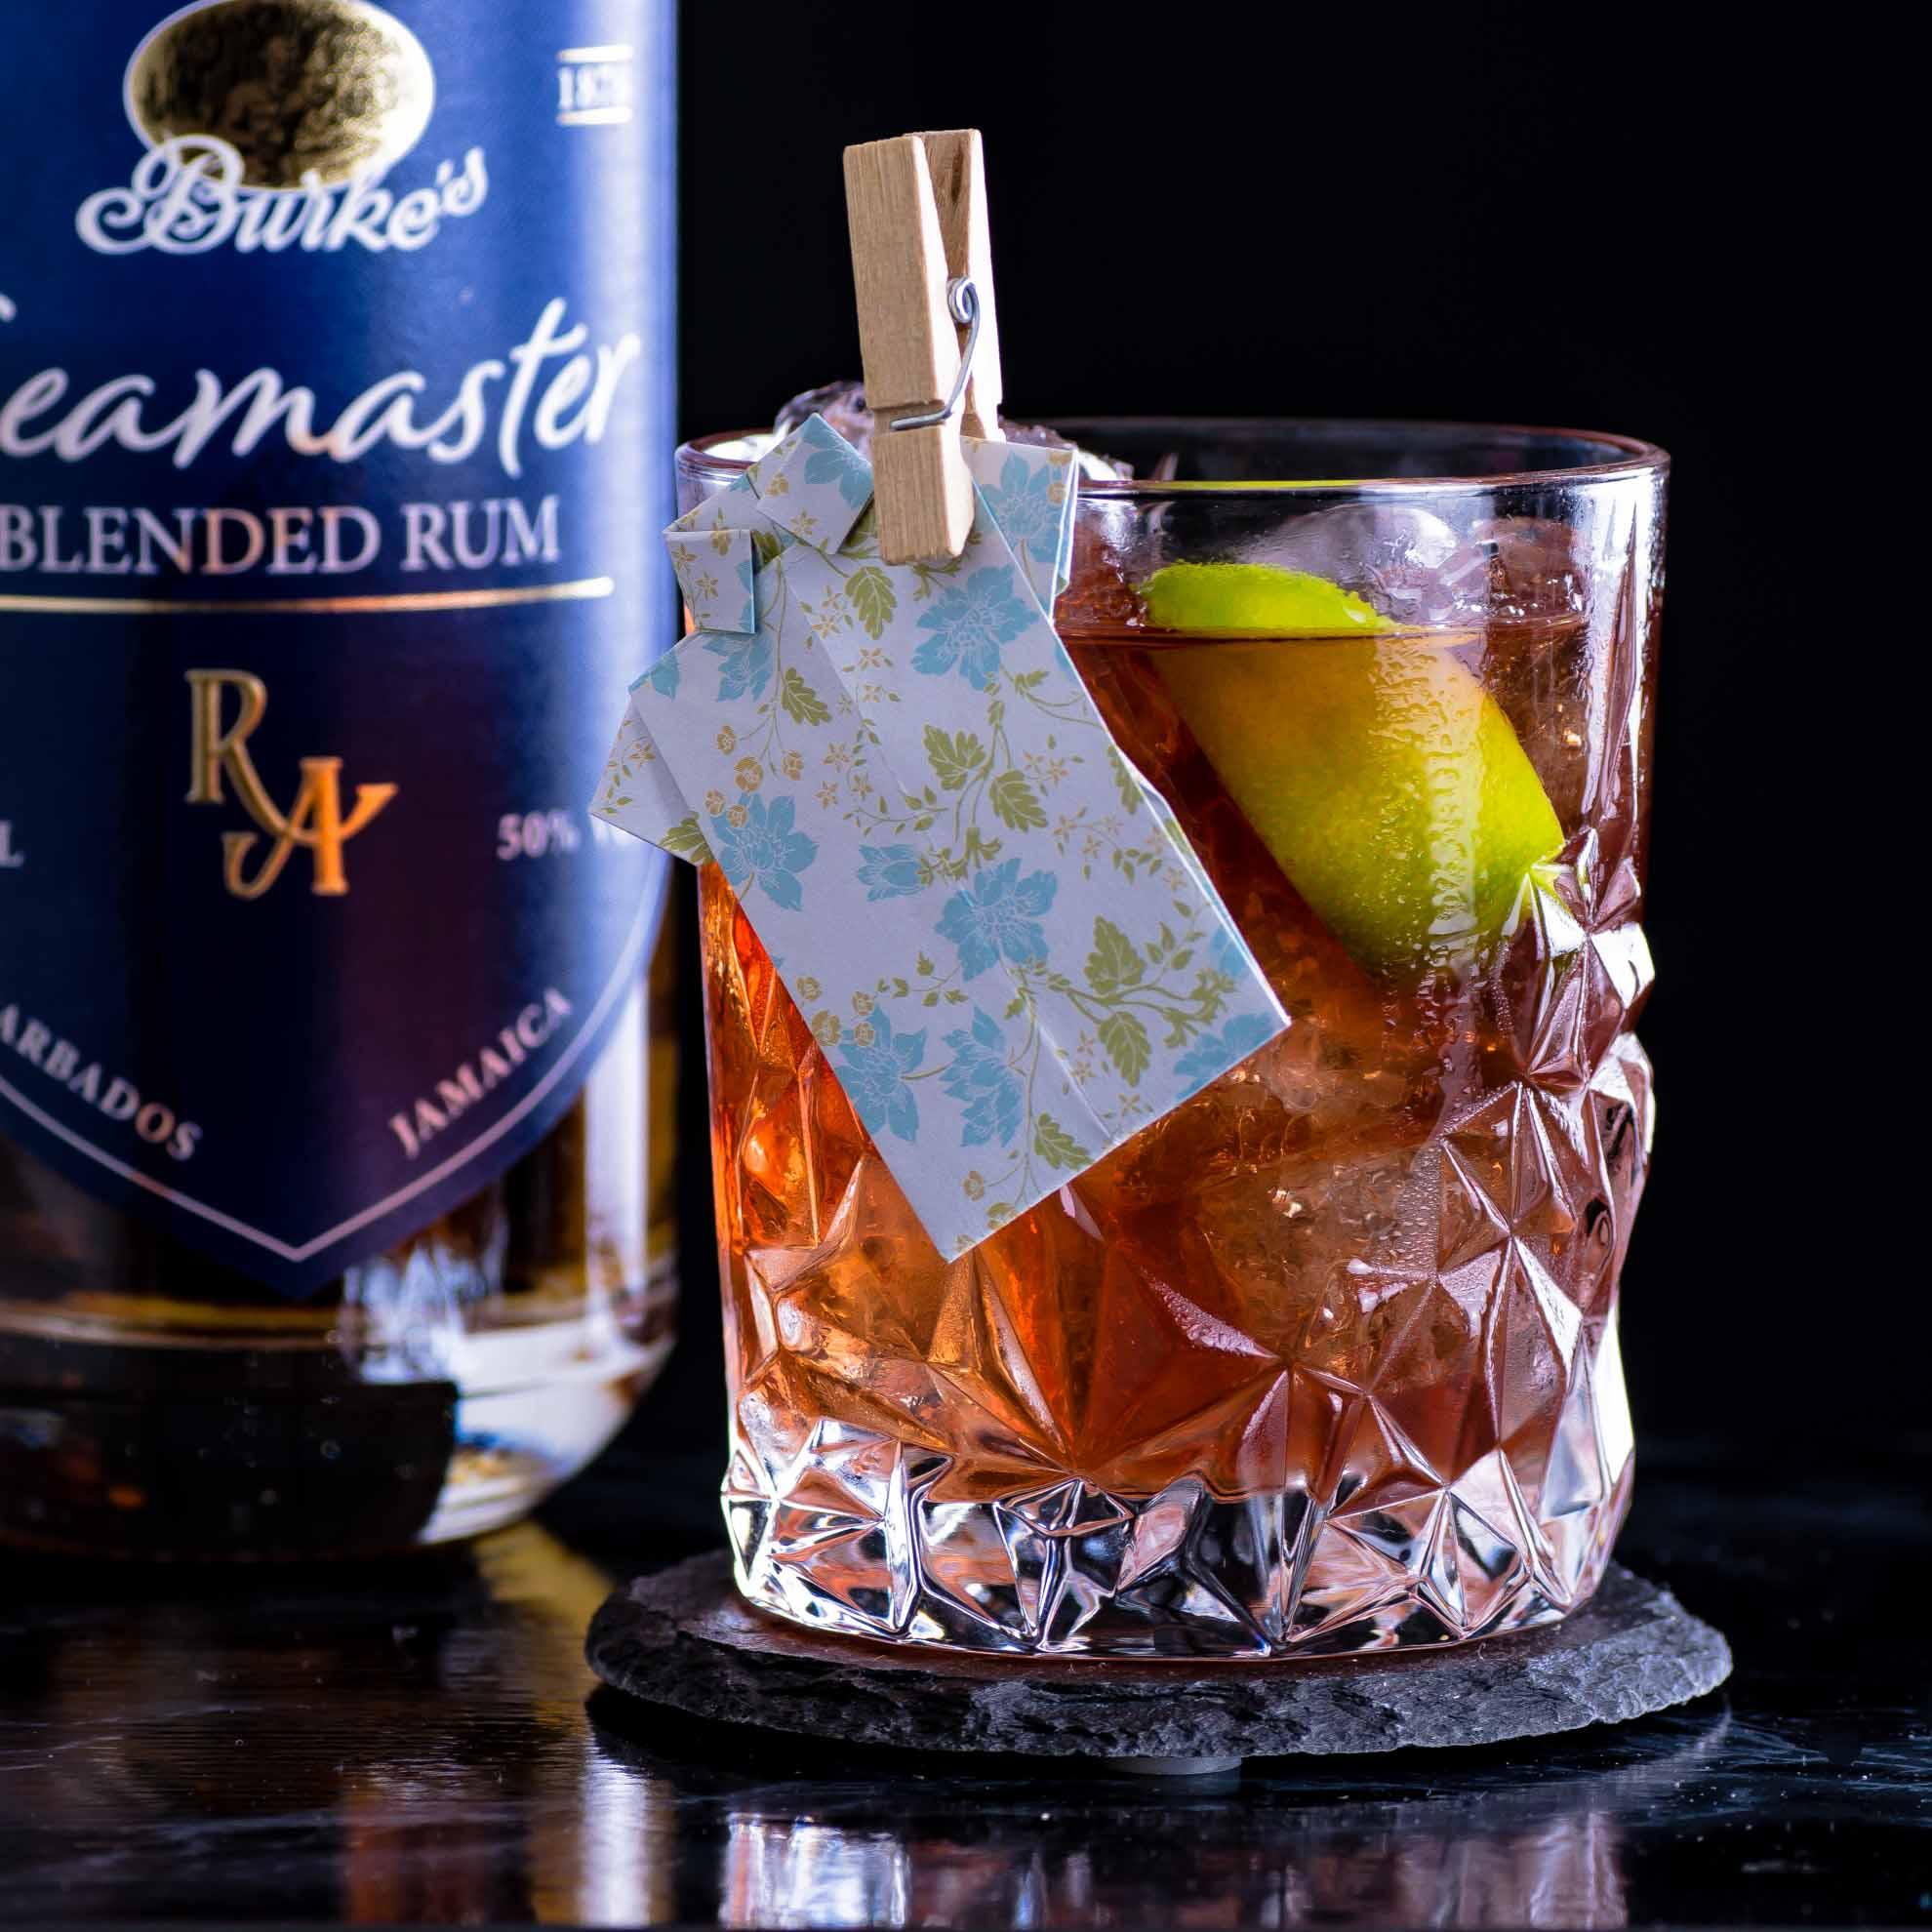 Rum Artesanal Burke's Seamaster Blended Rum im Captain's Dinner Cocktail.